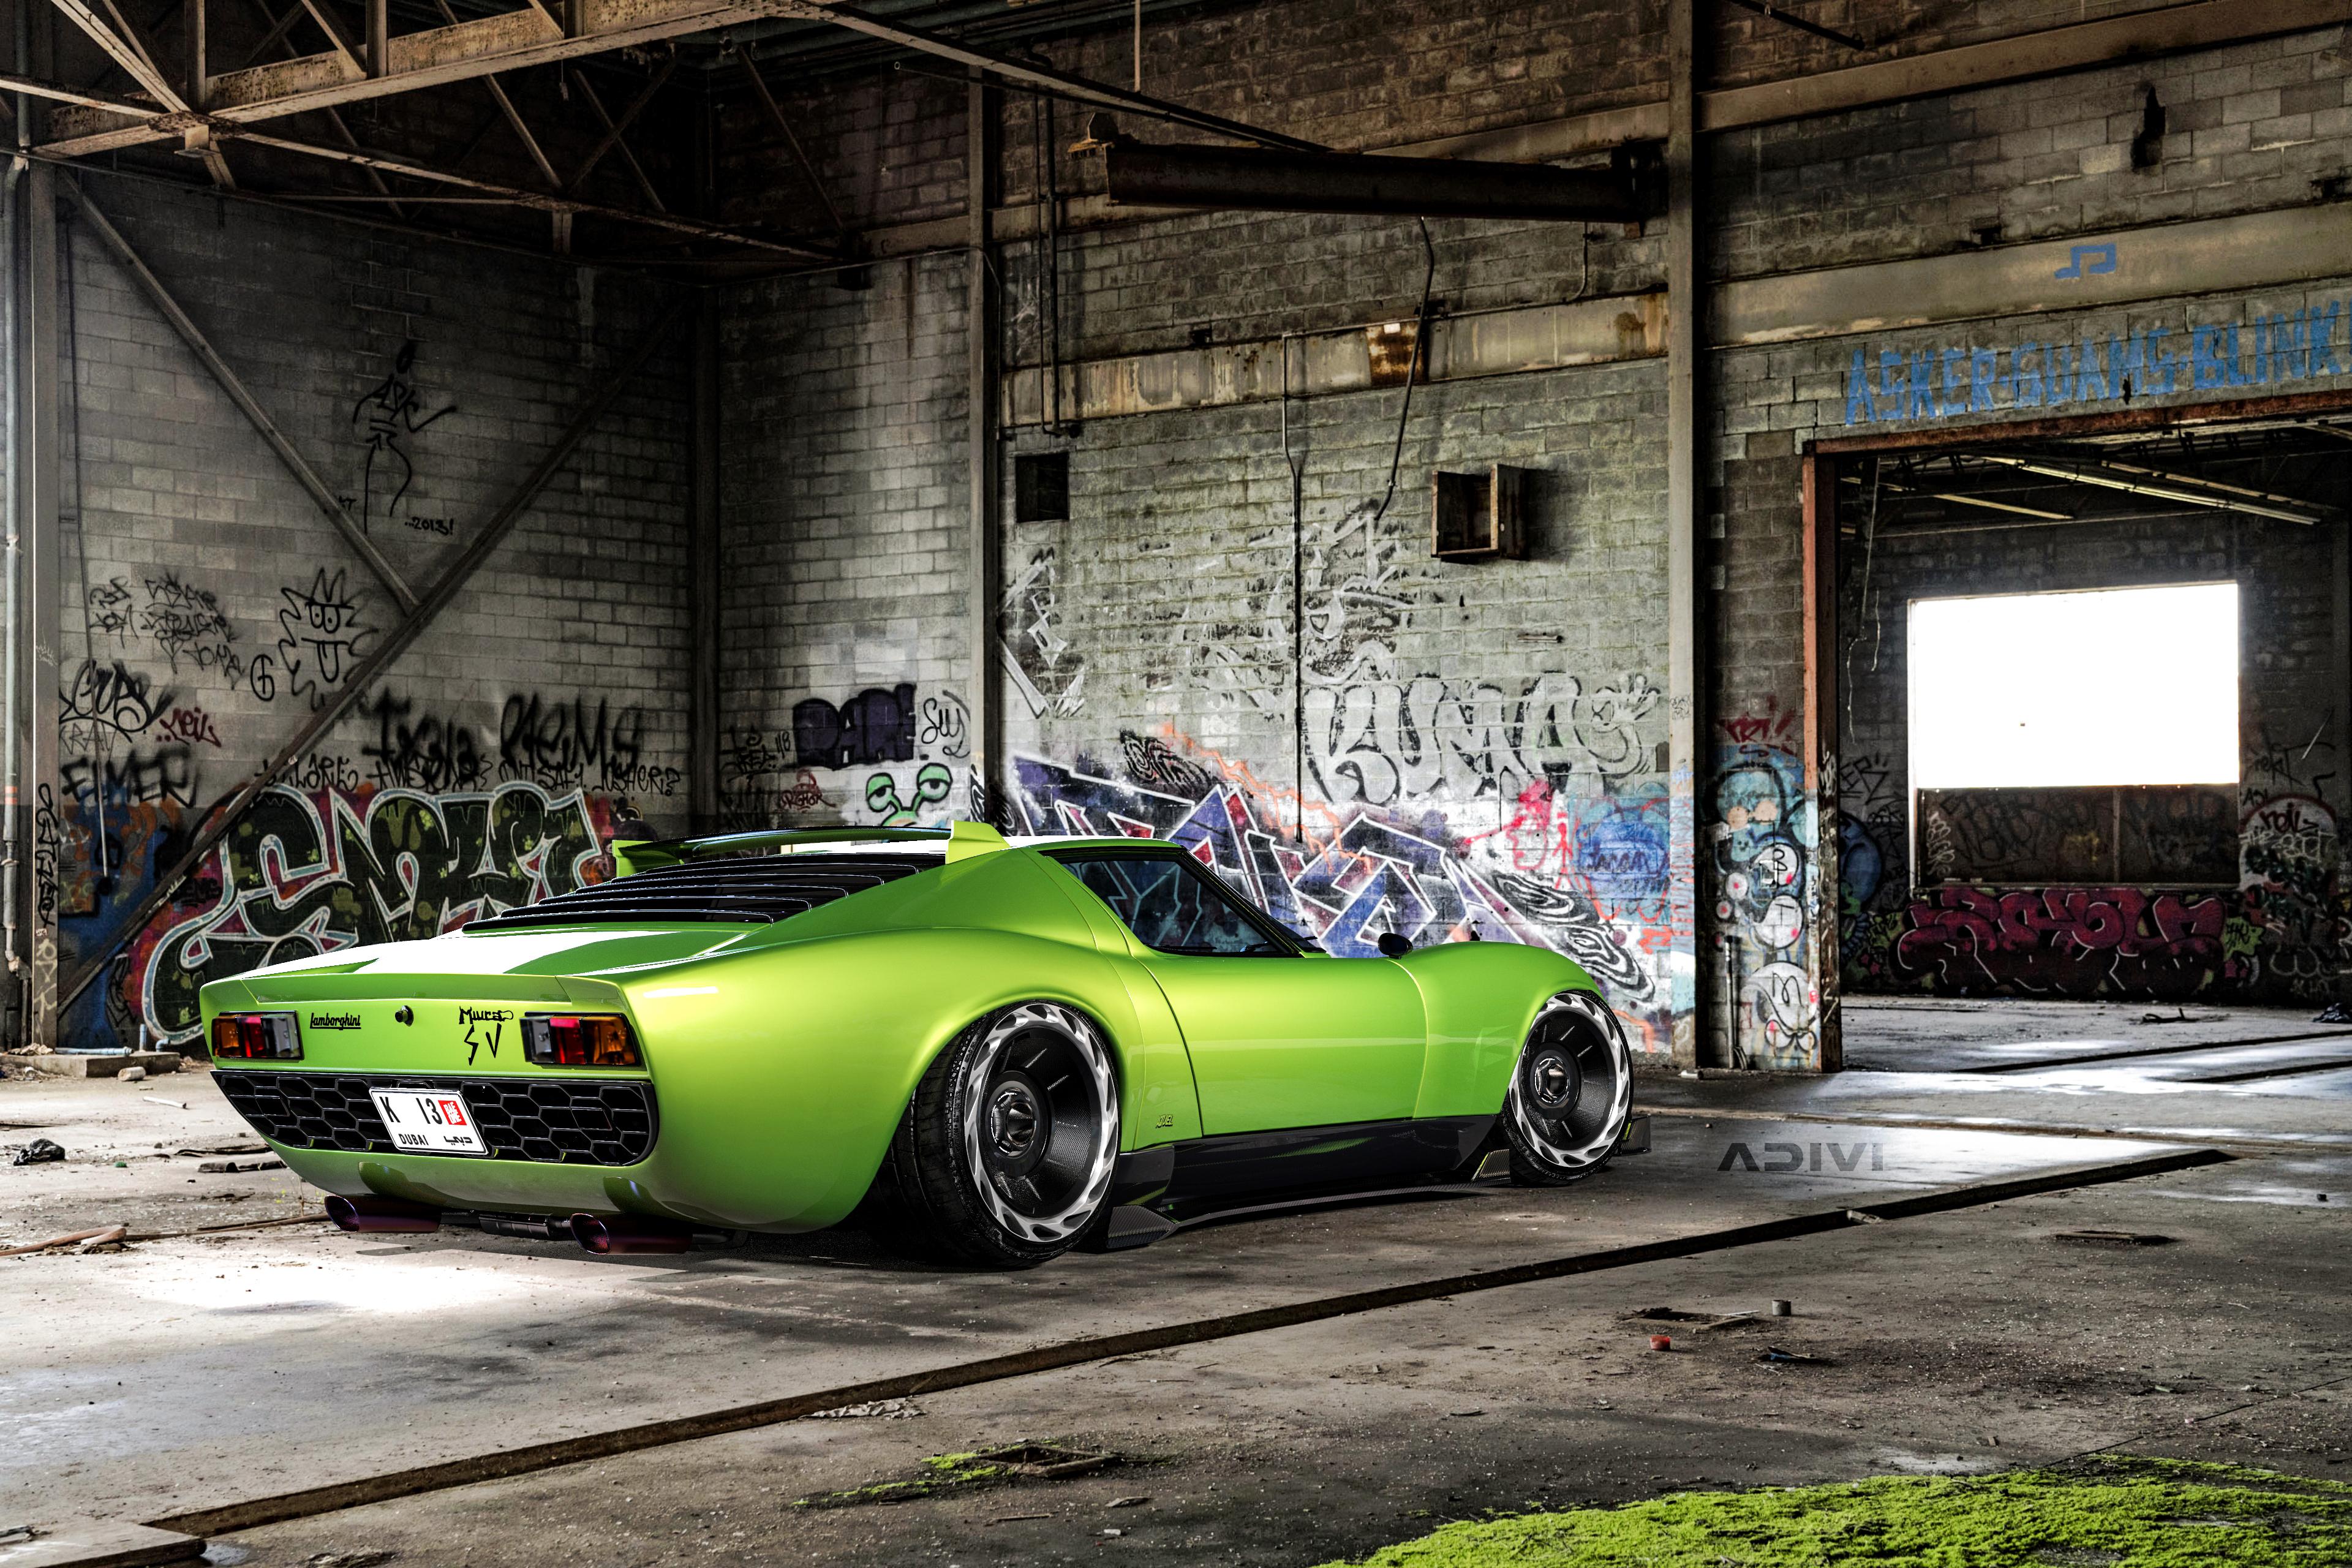 lamborghini miura widebody 4k 1602408476 - Lamborghini Miura Widebody 4k - Lamborghini Miura Widebody 4k wallpapers